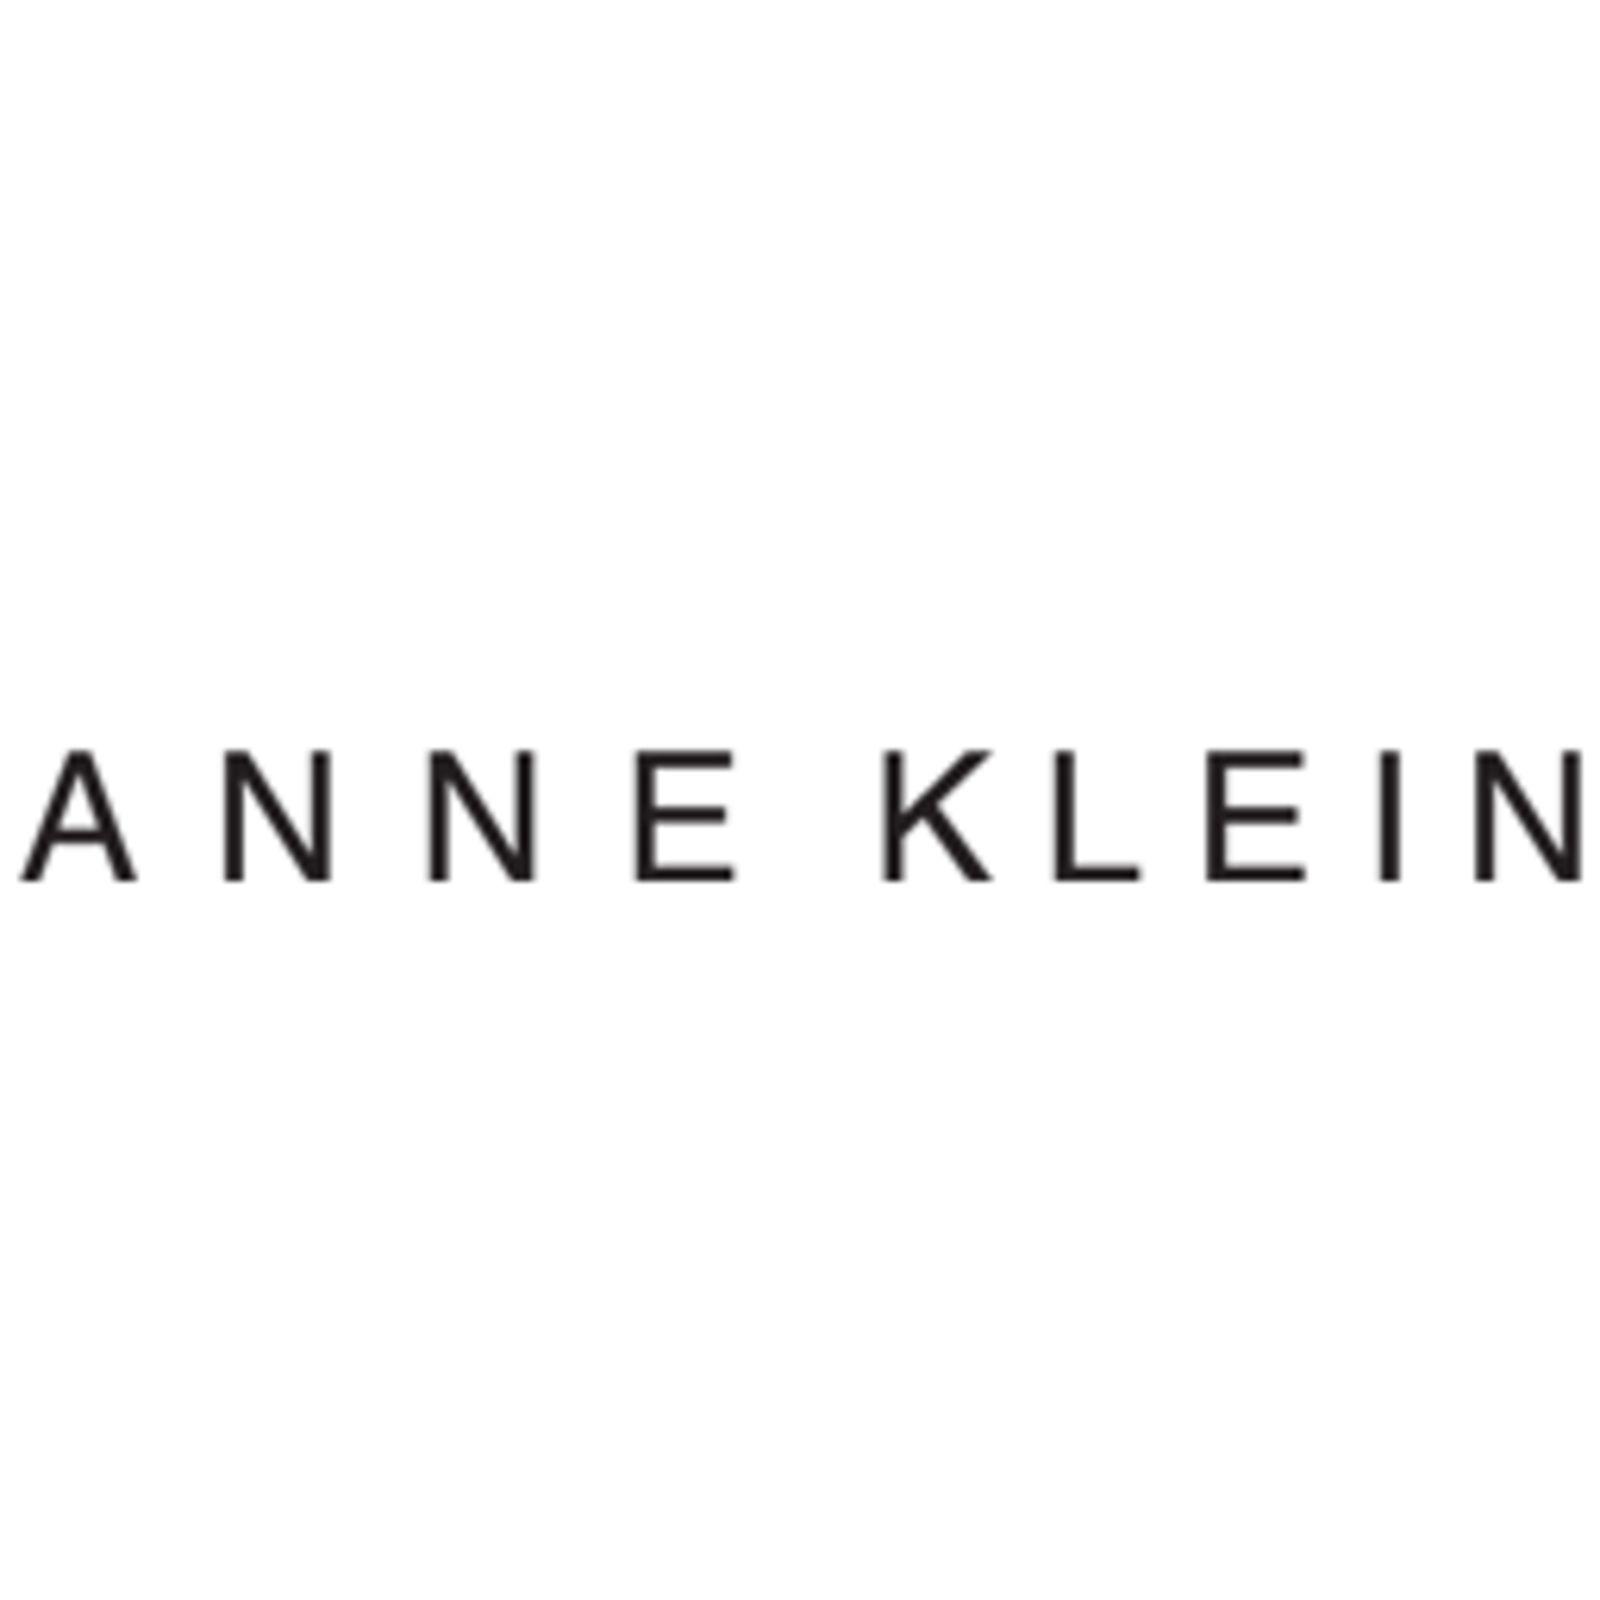 ANNE KLEIN (Bild 1)